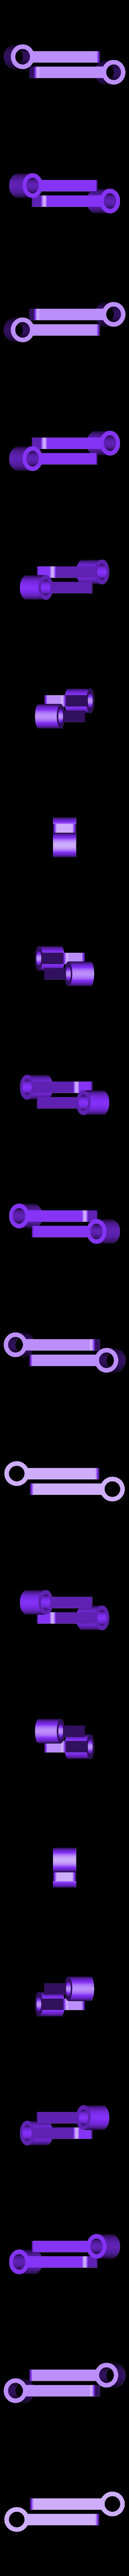 """frame_HD_v0-5_cammounts.stl Télécharger fichier STL gratuit Cinelad 3"""" - Cadre HD compact et léger • Modèle à imprimer en 3D, Gophy"""